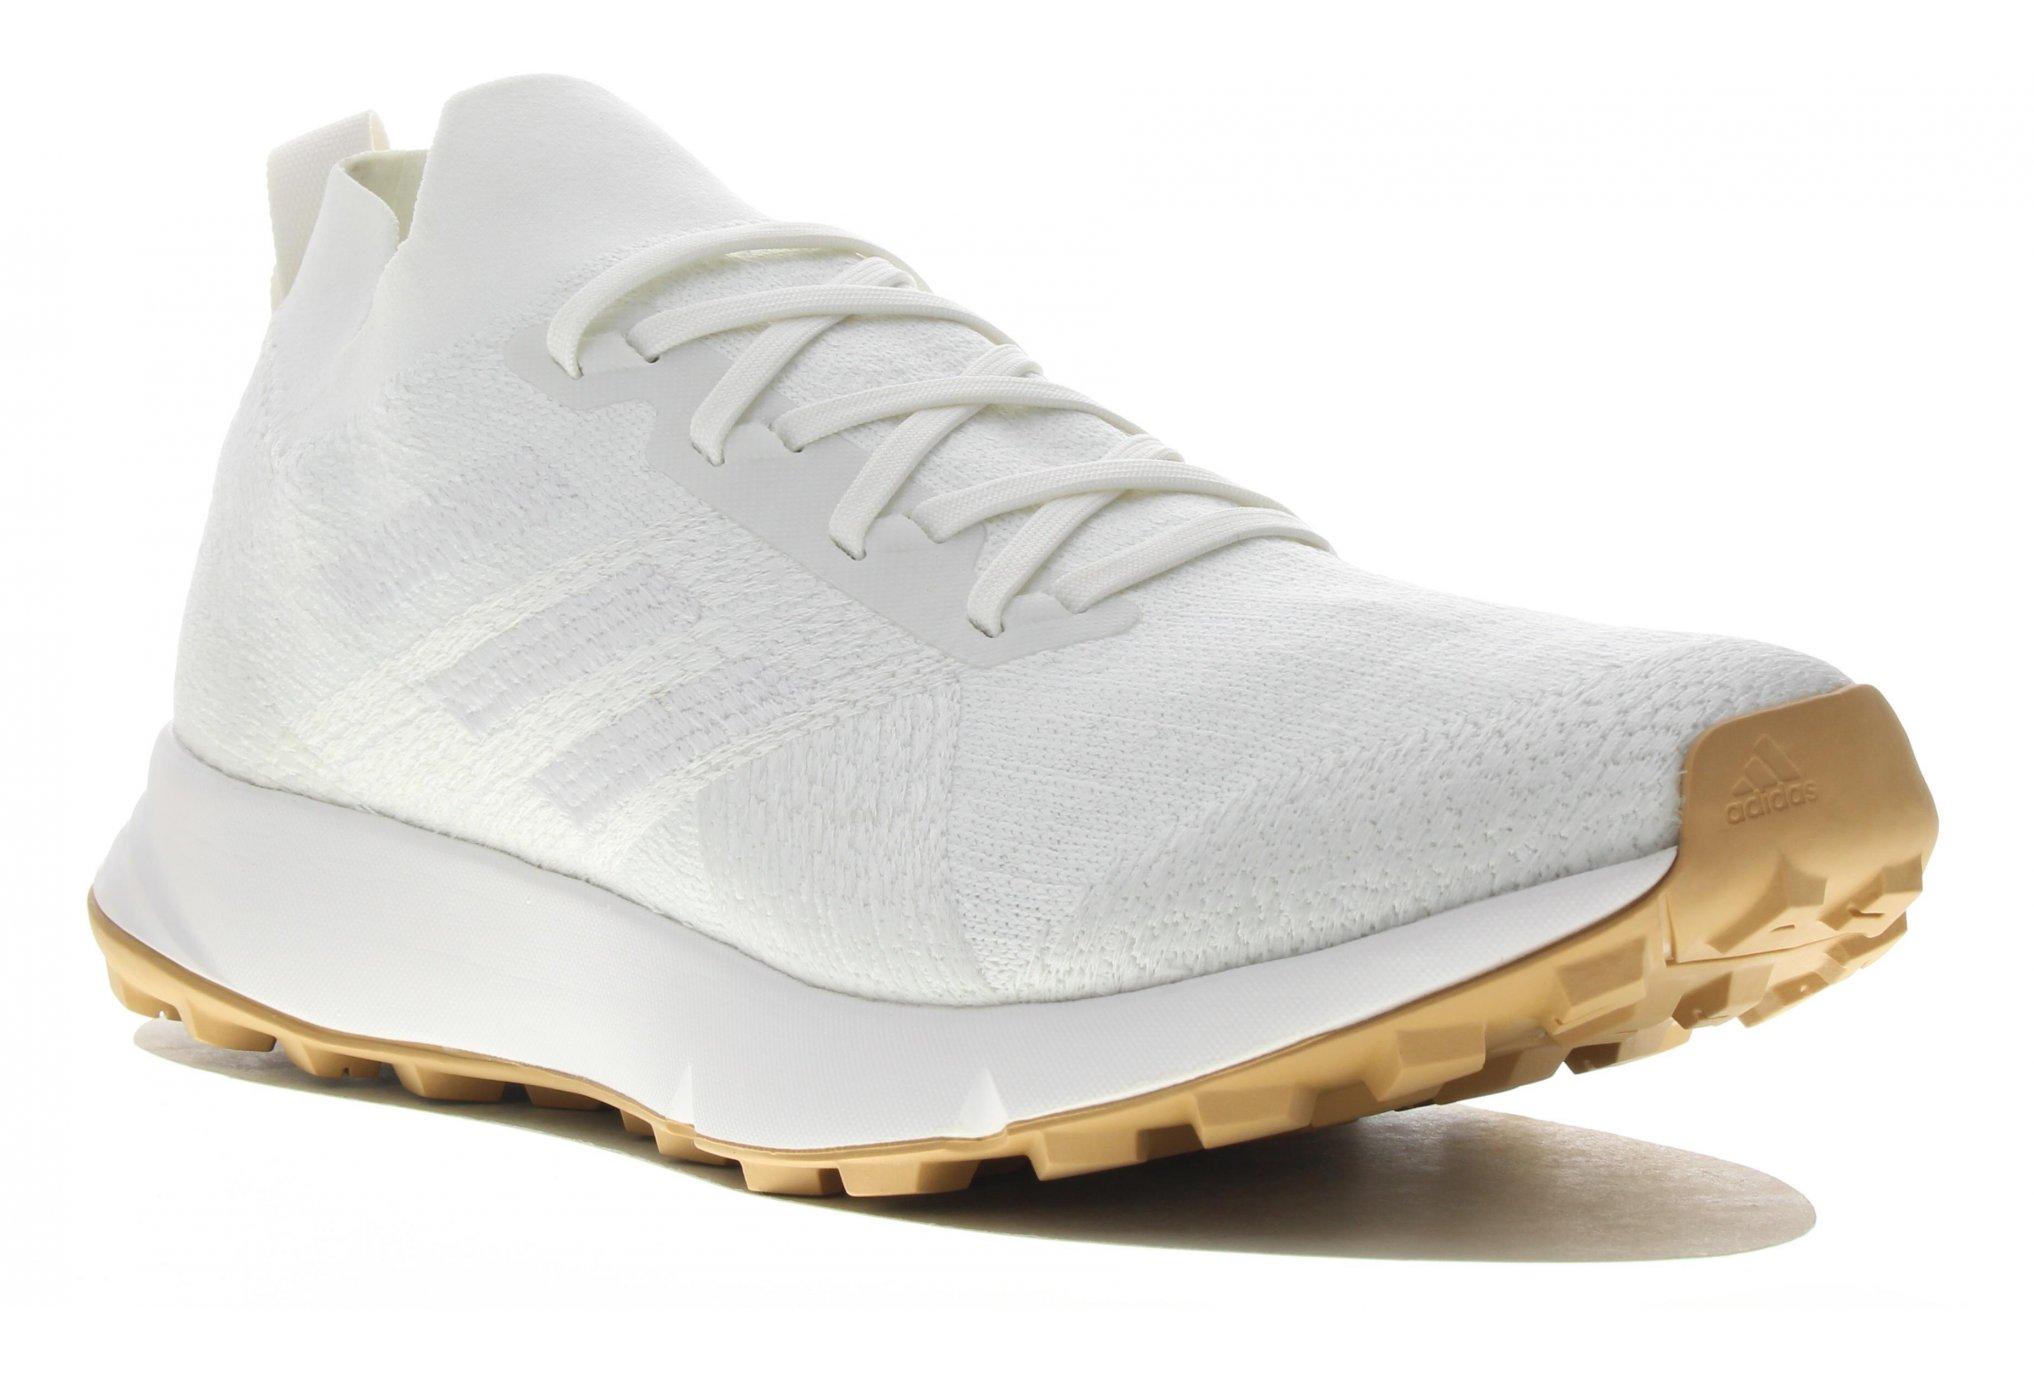 Orden alfabetico licencia hipocresía  Adidas Terrex Two Parley: Opiniones - Zapatillas trekking | Runnea